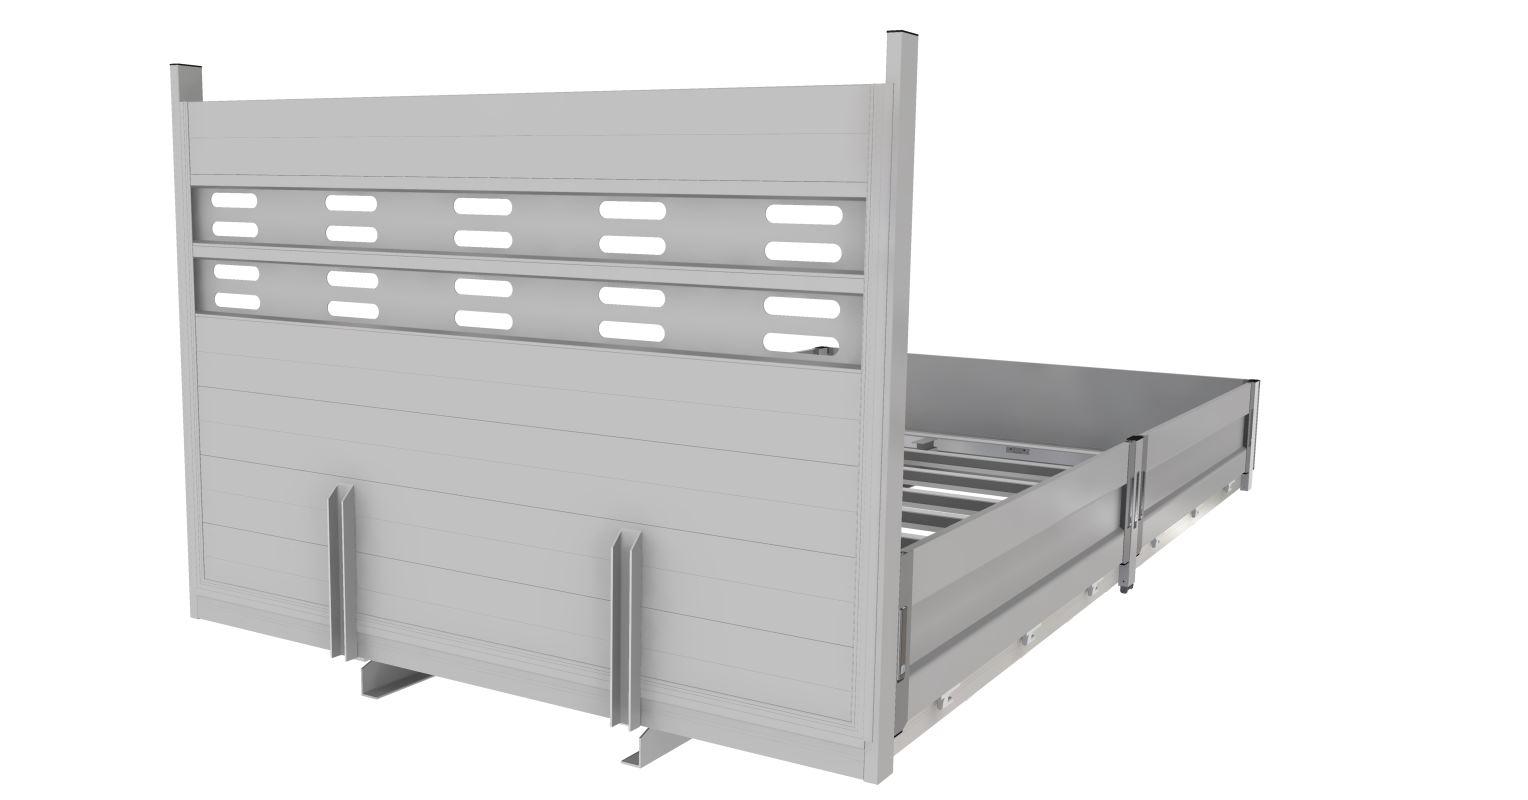 Platforma cu obloane: 4900 x 2200 x 400 mm